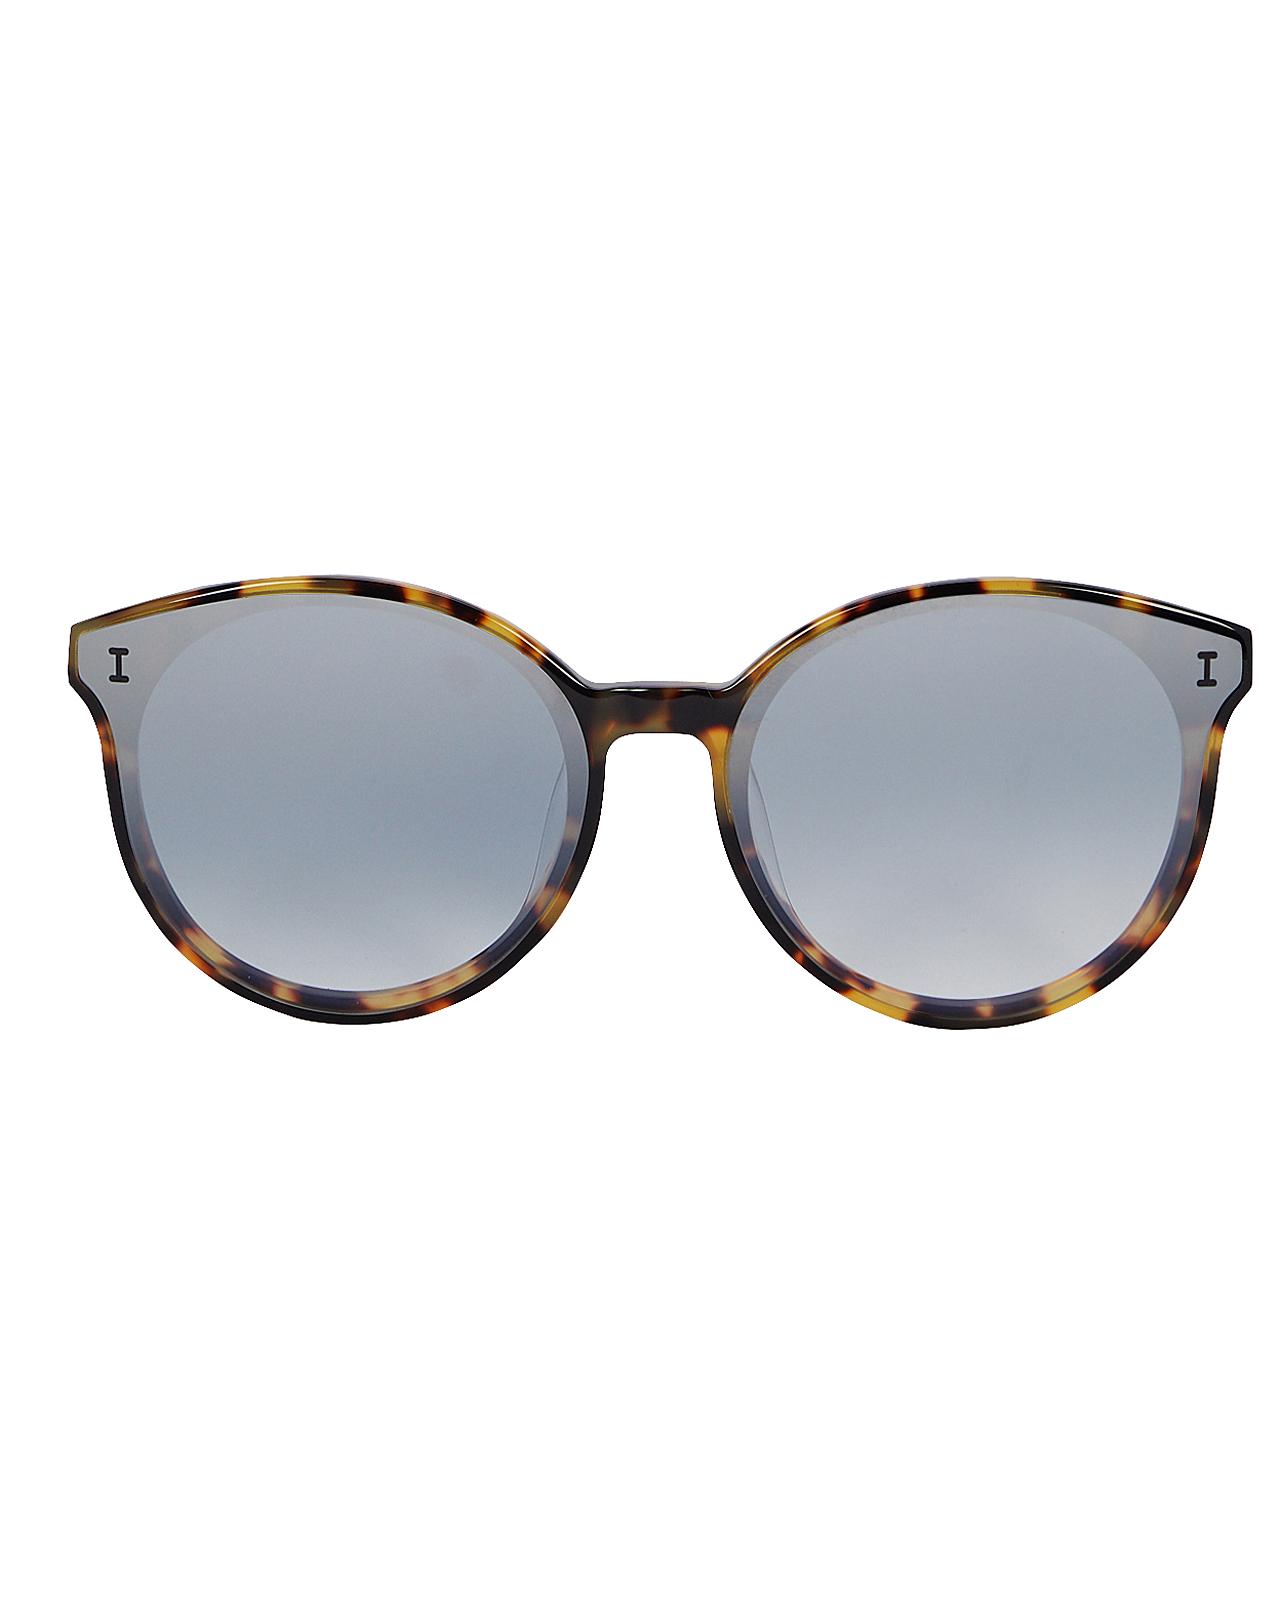 Illesteva Sunglasses ILLESTEVA HELEN OVERSIZED CAT EYE SUNGLASSES